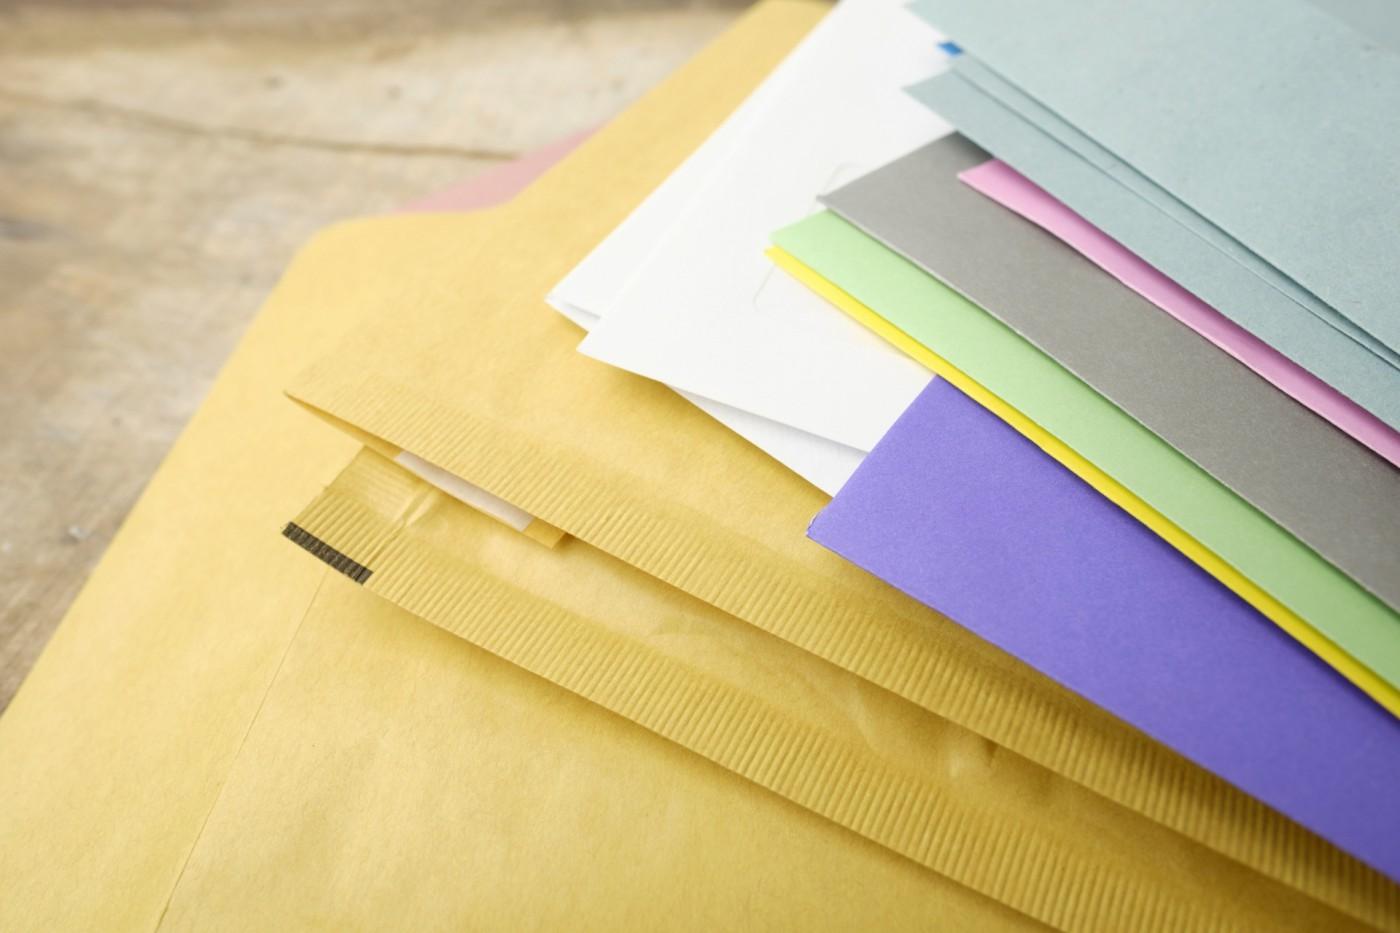 これは何で送る?郵便?メール便?レターパック?<br>こんな時にはコレで送るのが一番を教えます!